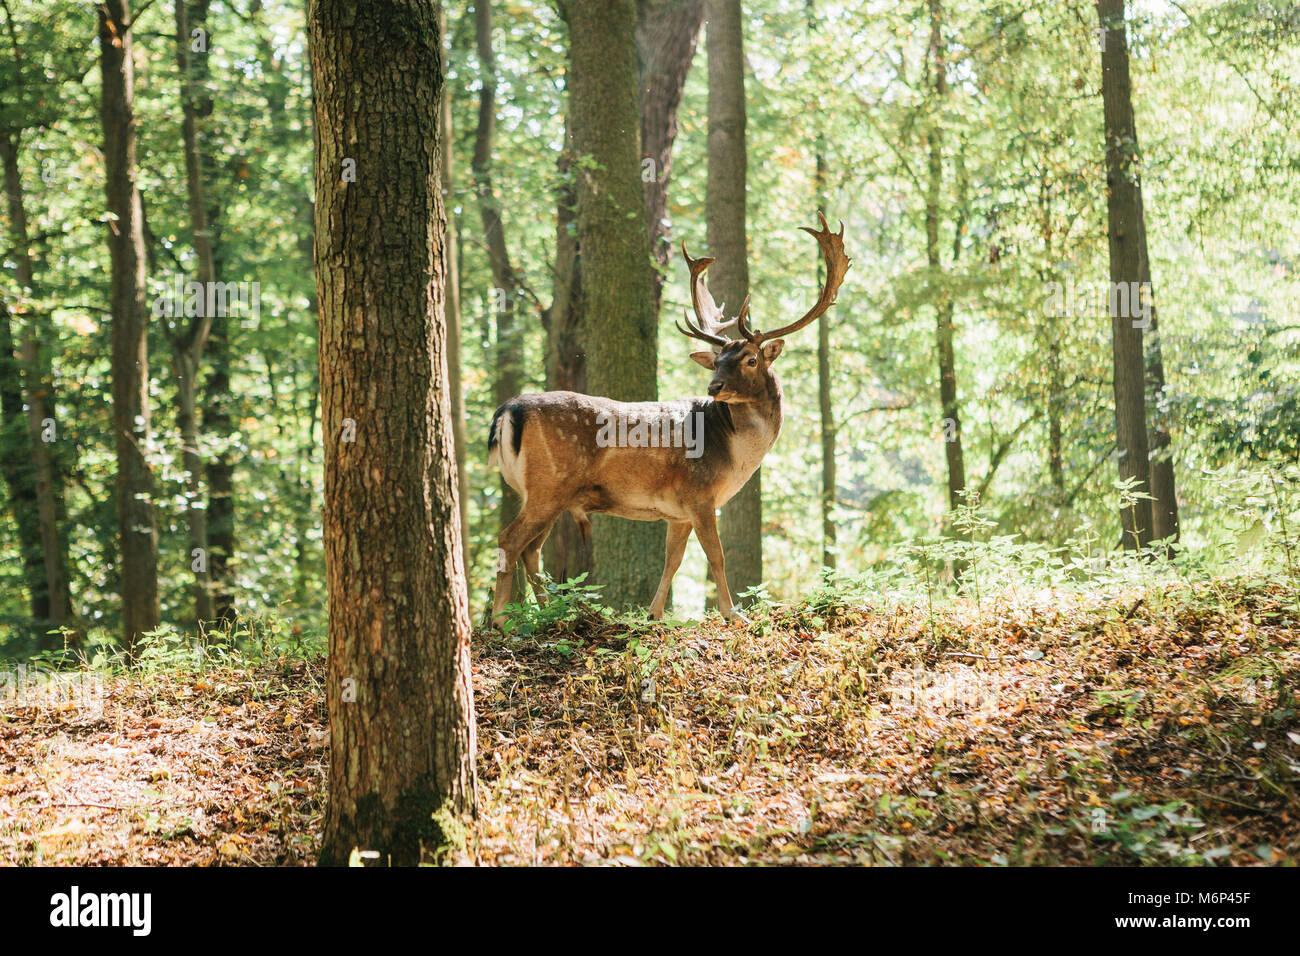 Bello ciervo con cuernos ramificada se asienta sobre una colina en un bosque de otoño entre árboles. Foto de stock